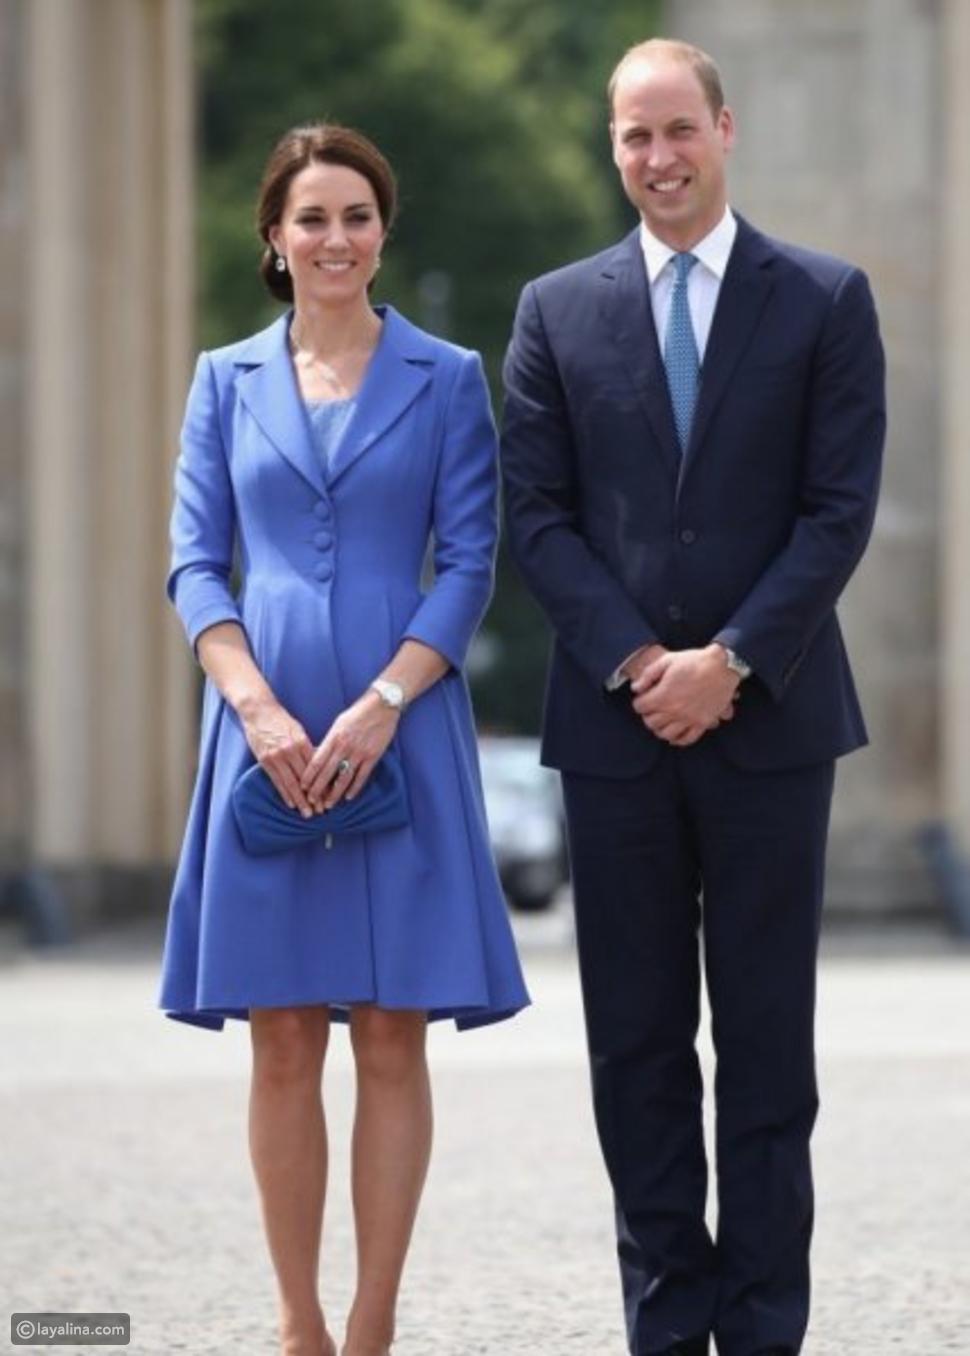 كيت ميدلتون ترتدي فستان المعطف باللون الأزرق من تصميم كاثرين والكر